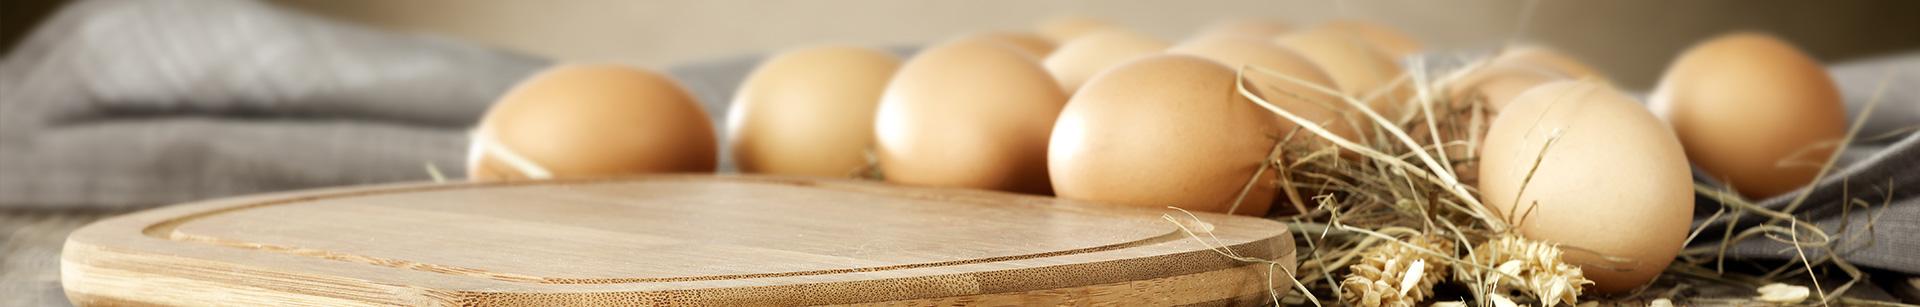 大连无公害鸡蛋